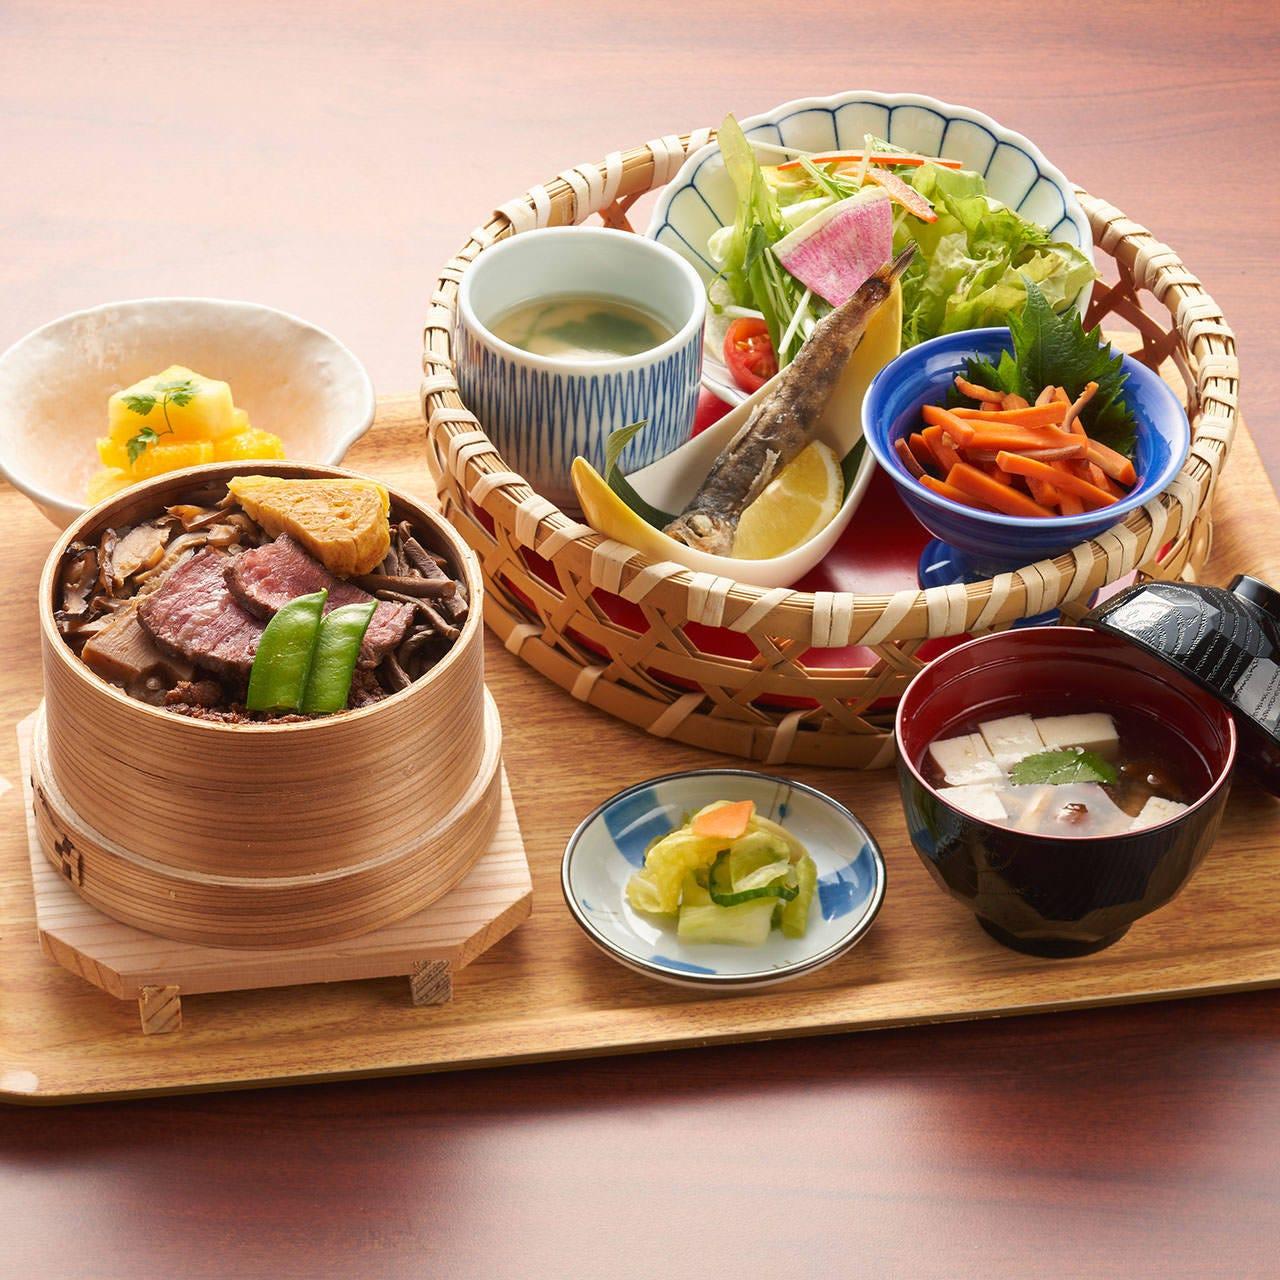 福島県名物の「わっぱめし」。多彩な食材を炊き込みました!